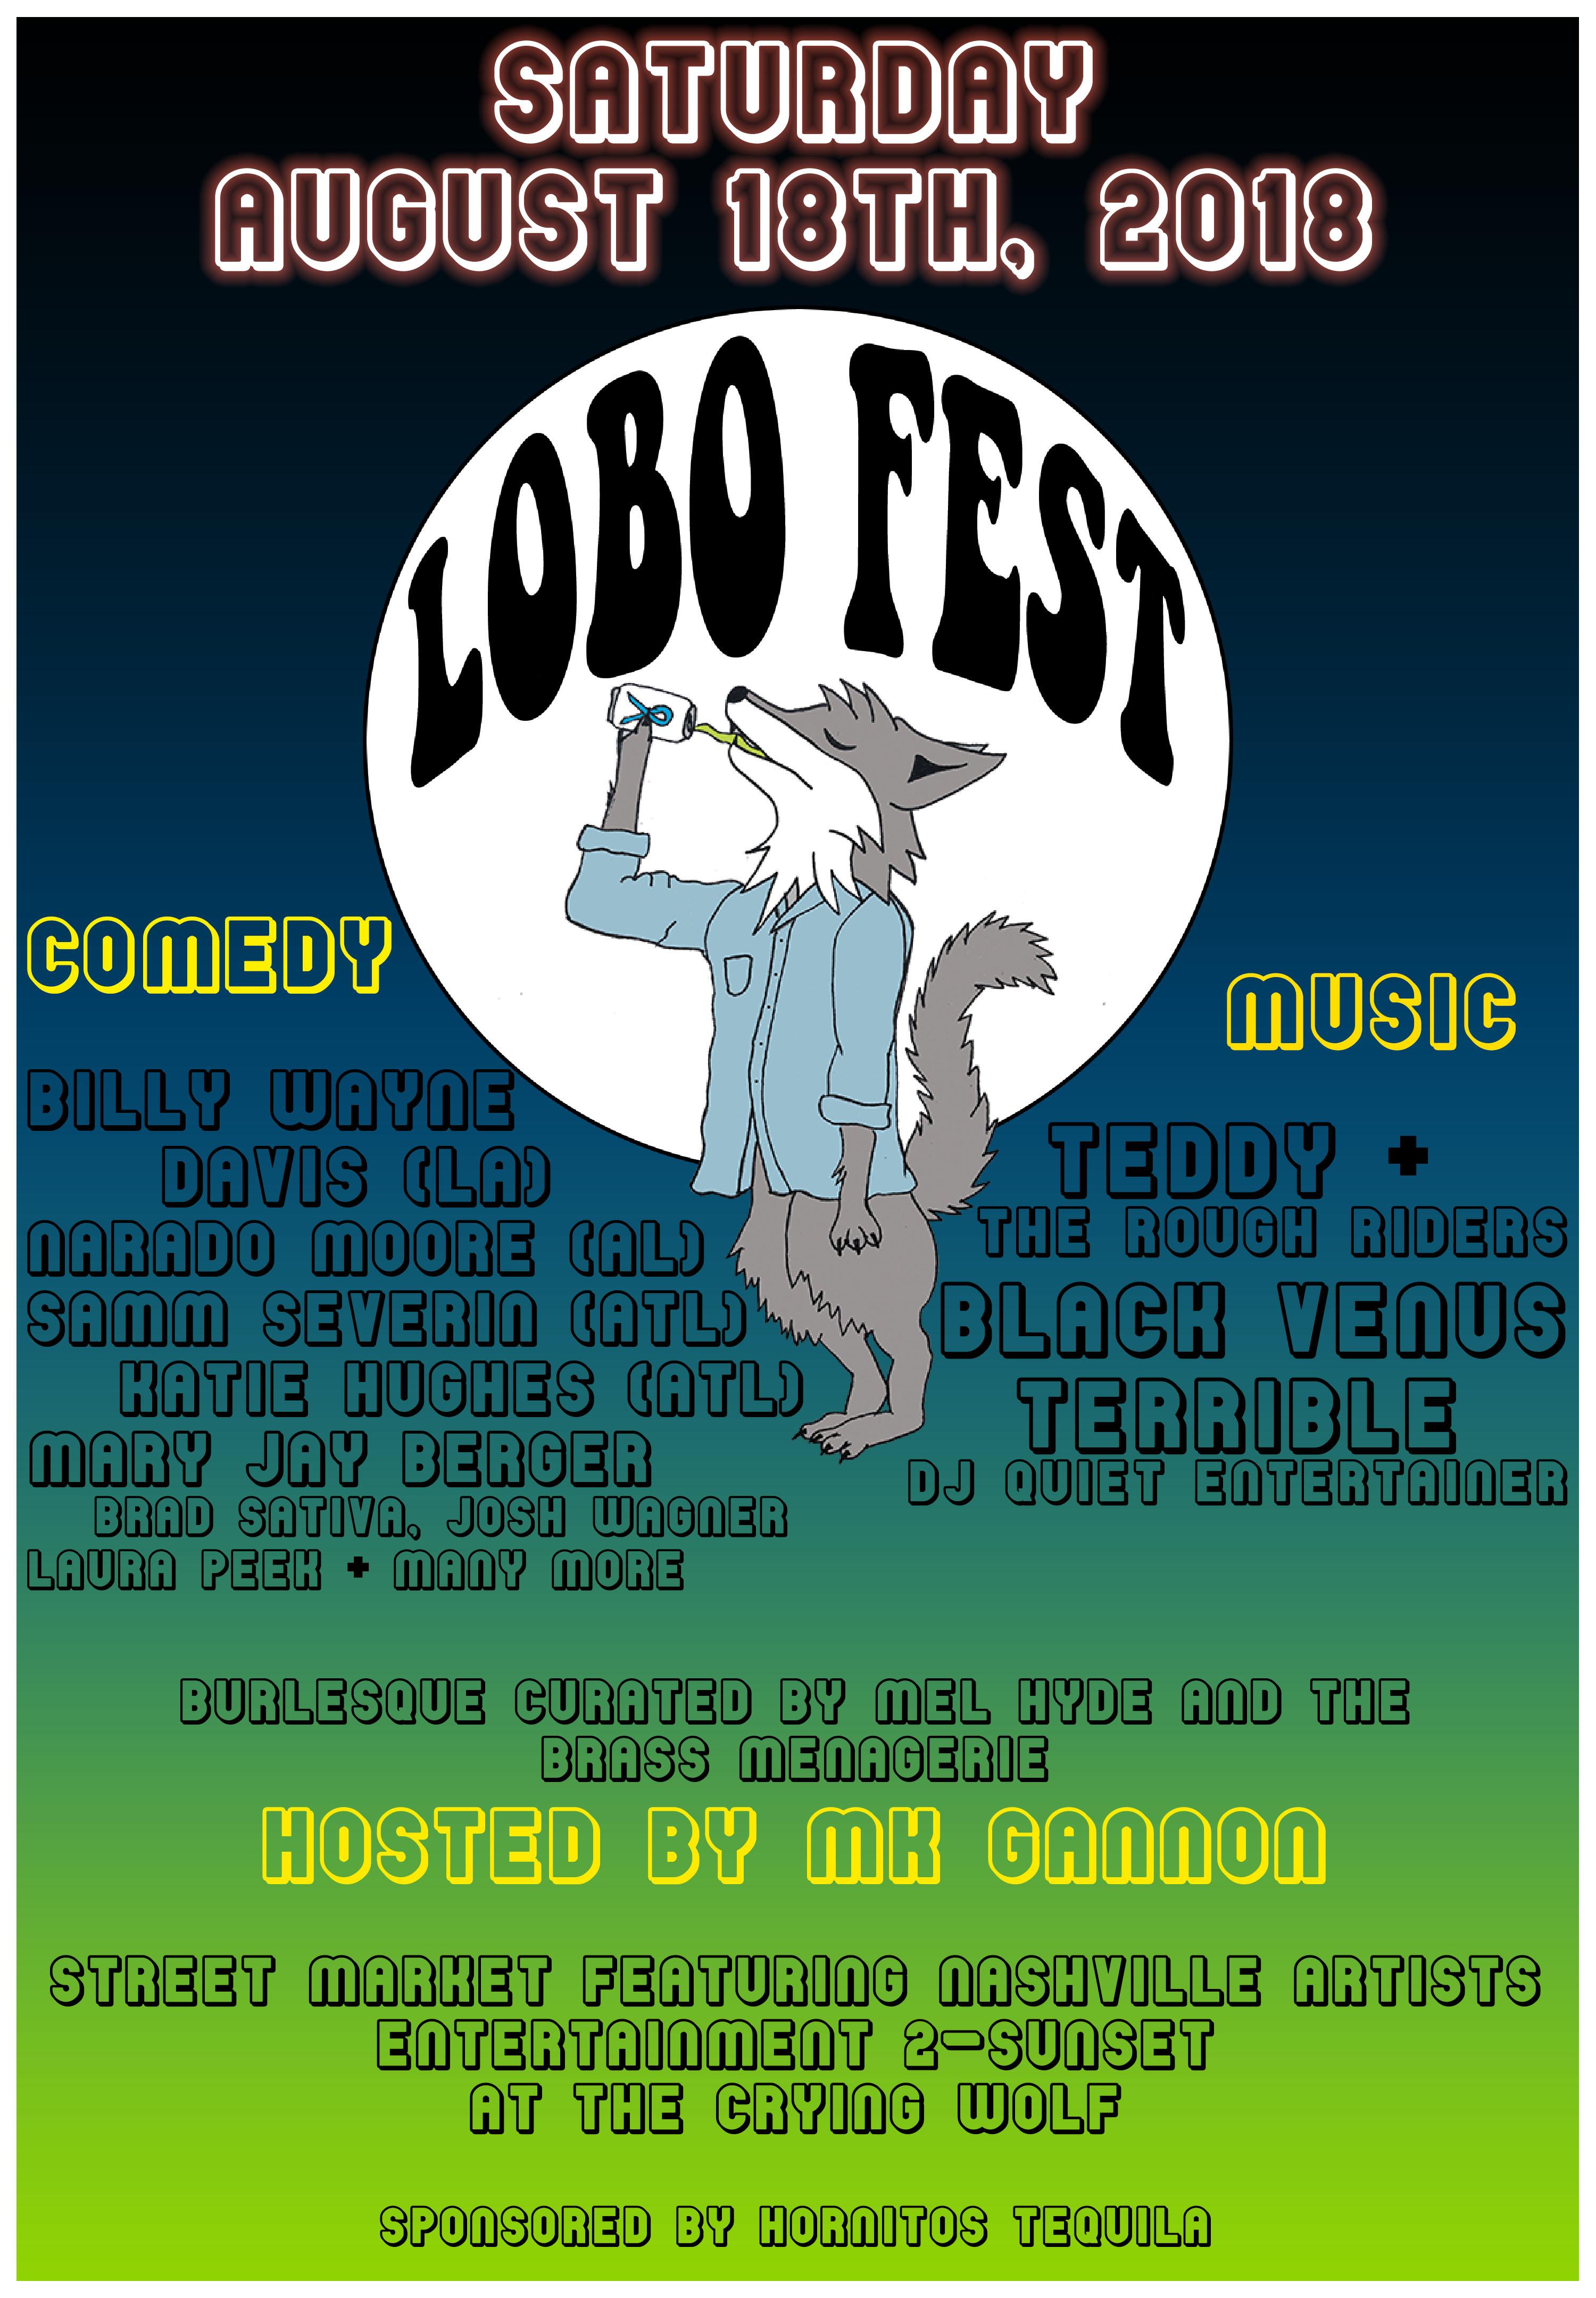 LOBO FEST